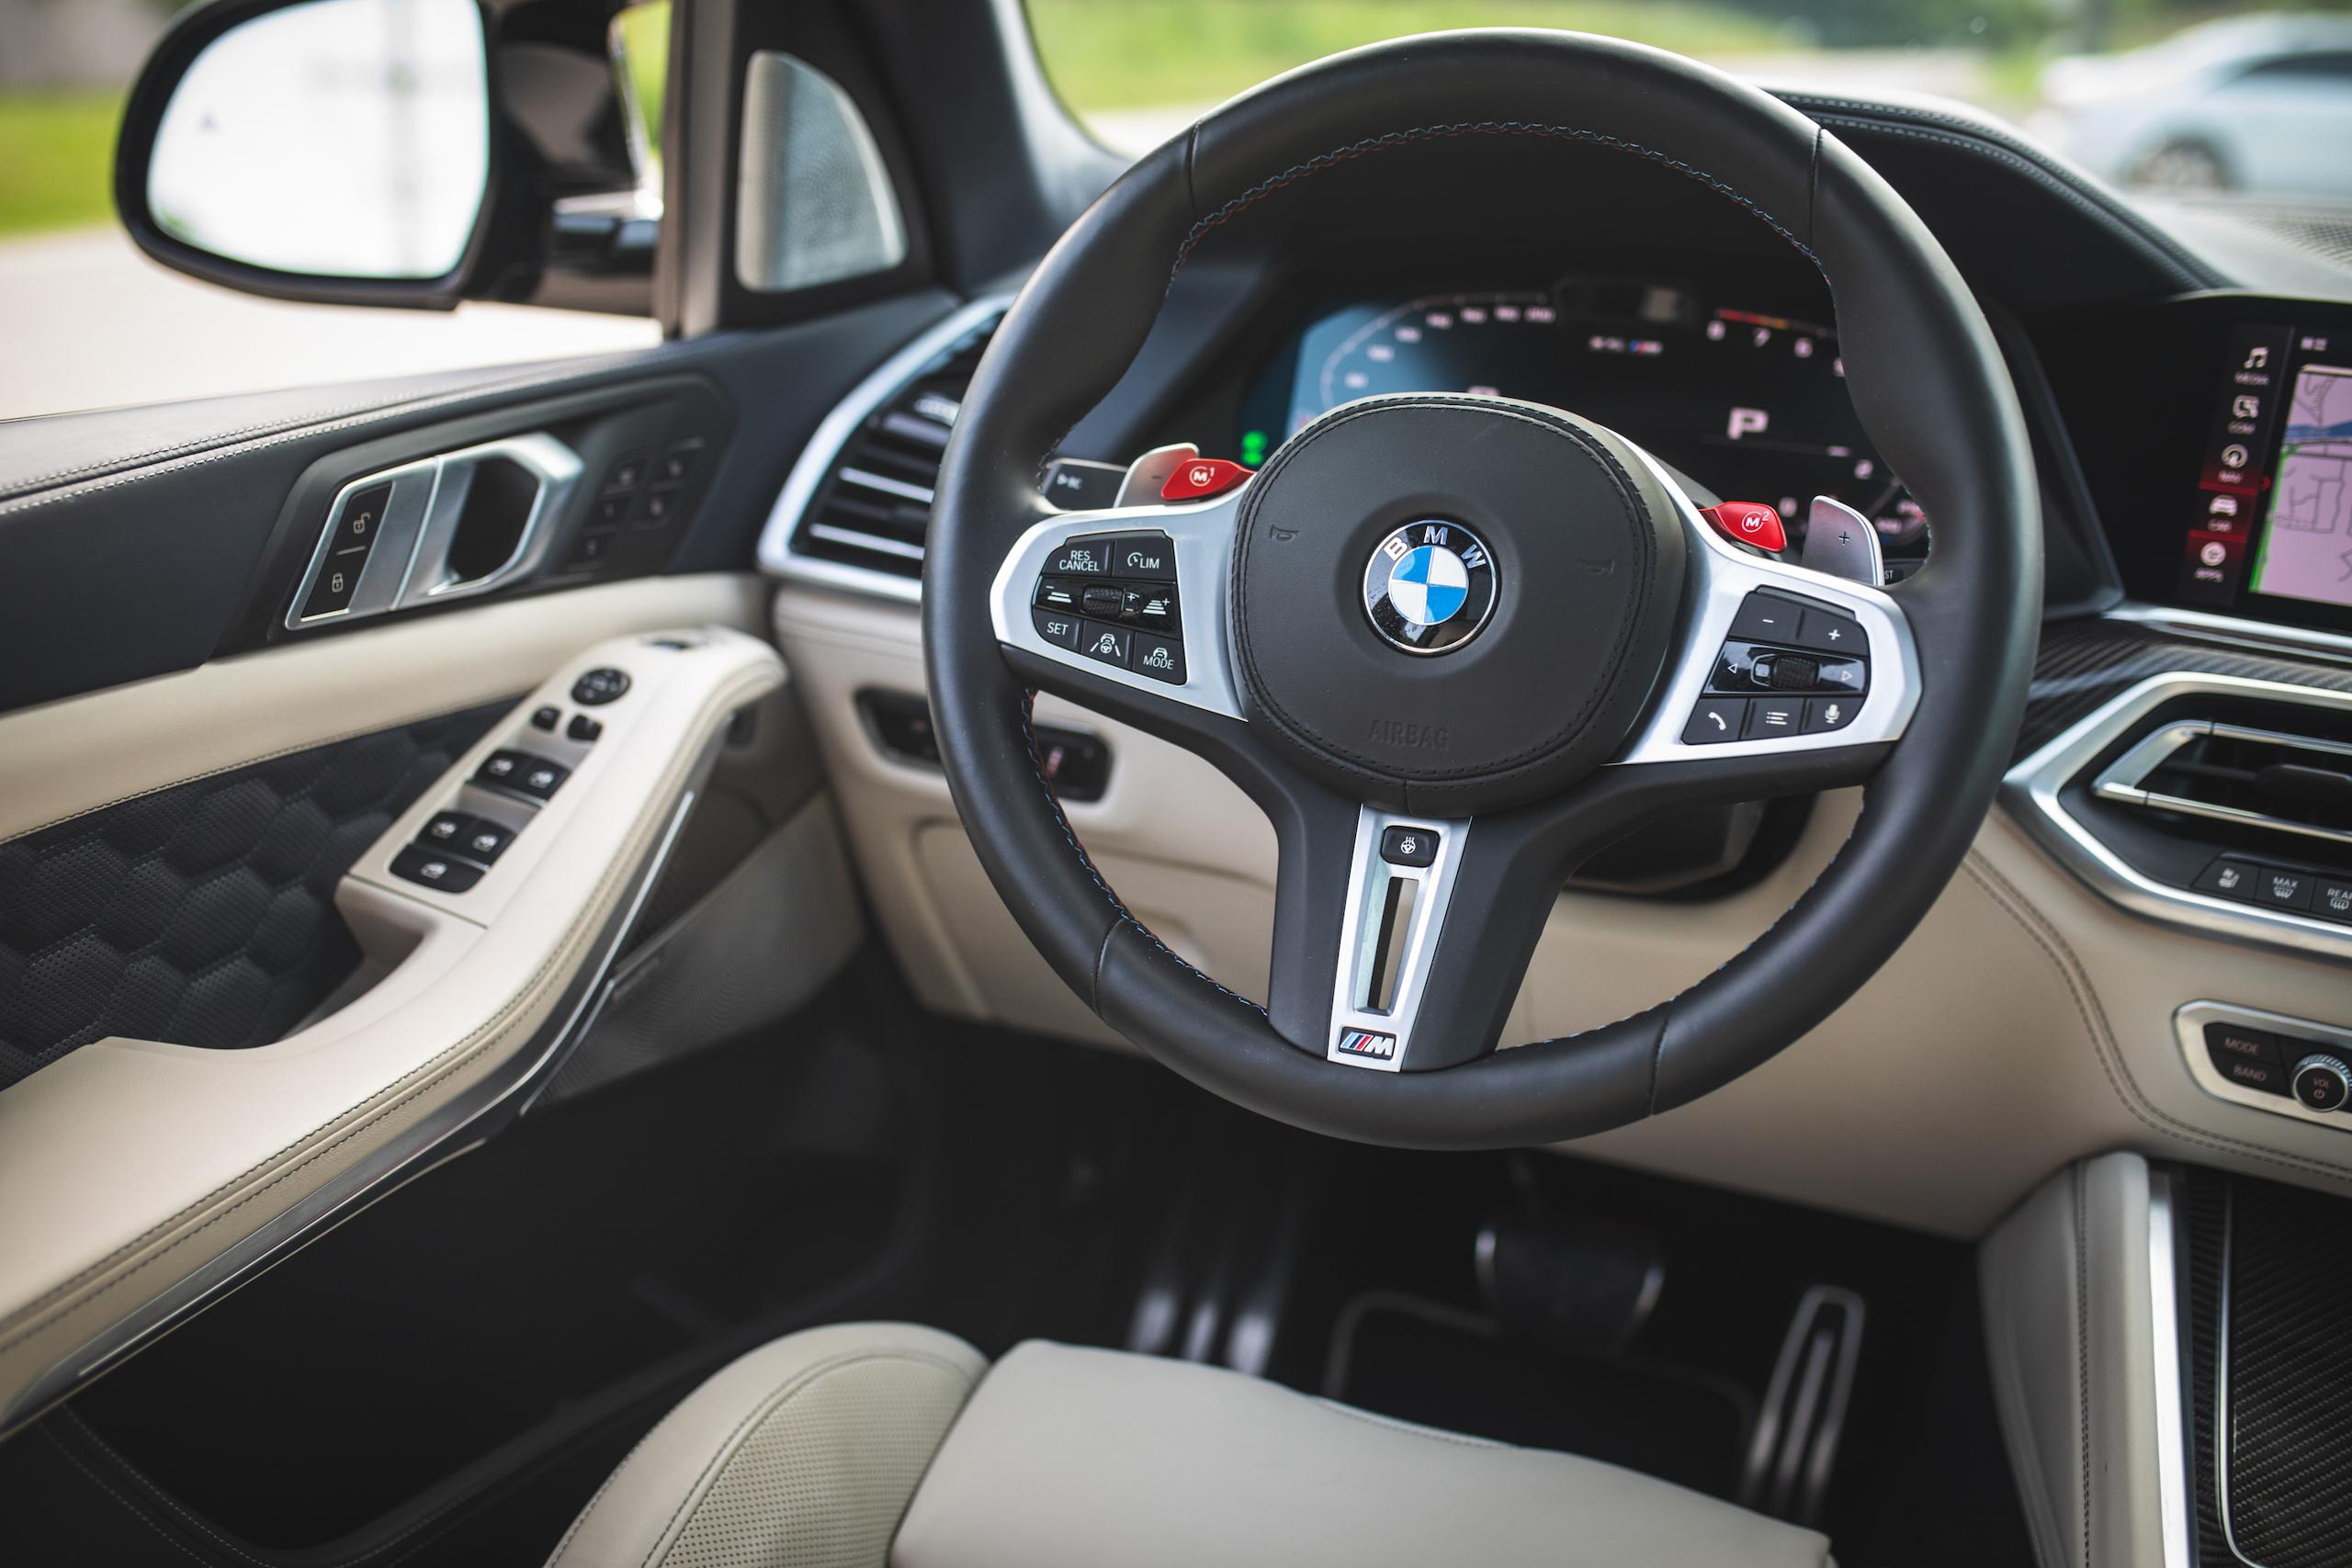 bmw x5m interior steering wheel detail